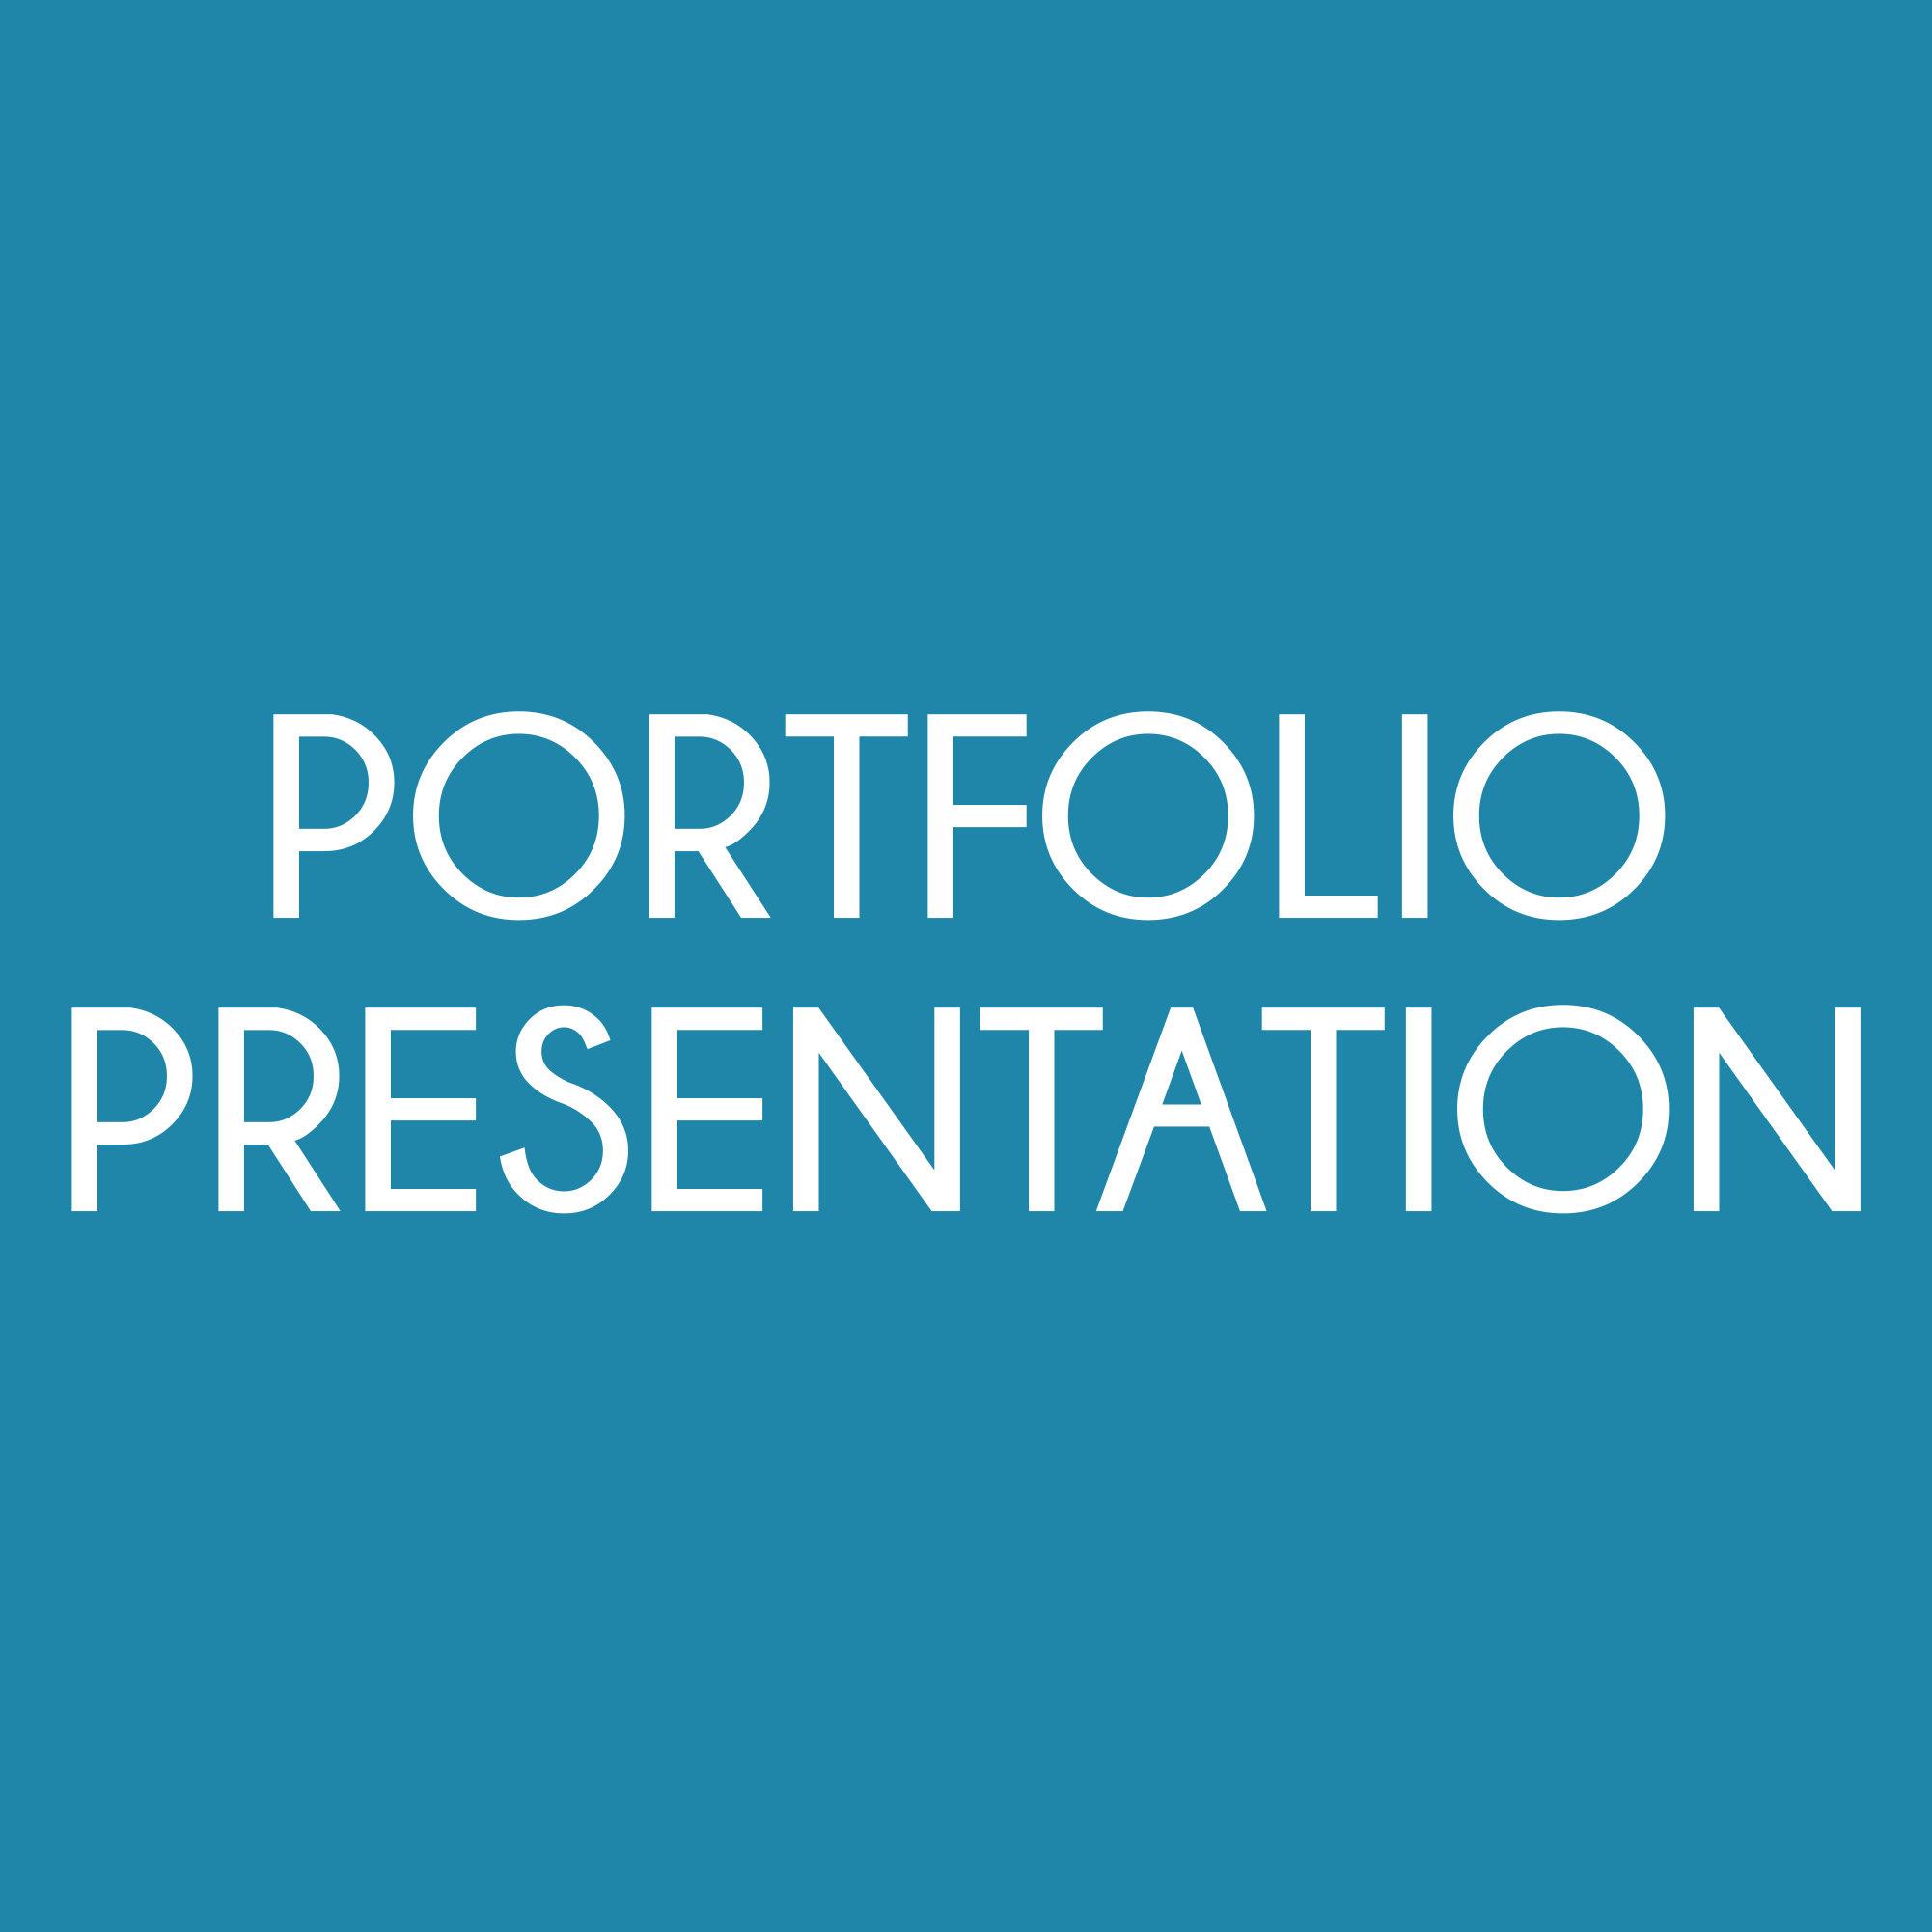 Portfolio_Presentation2.jpg